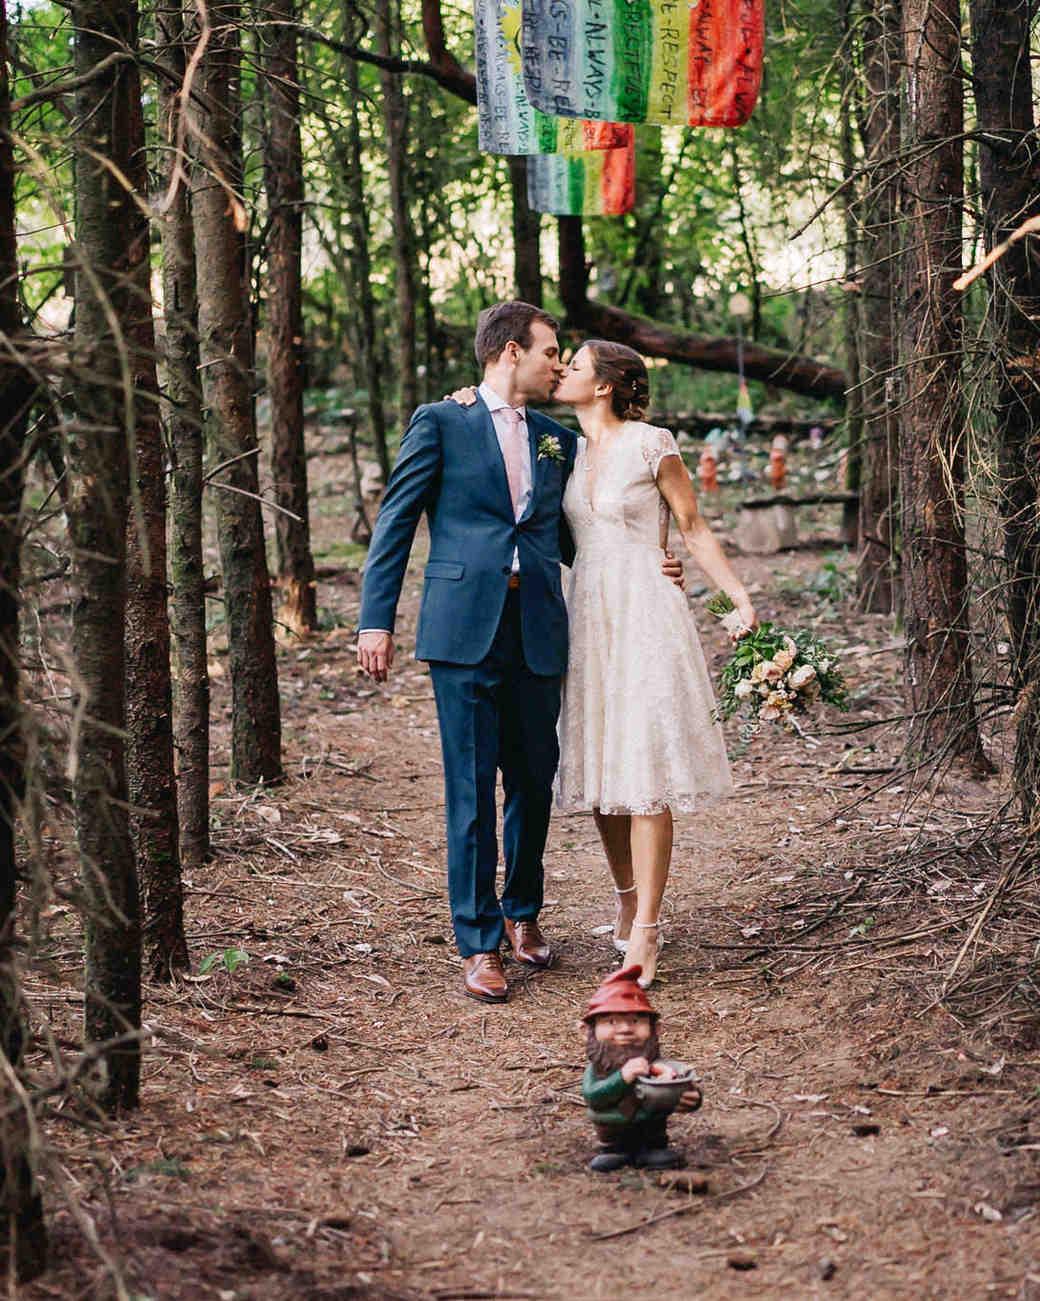 amy nick wedding couple gnomes kiss